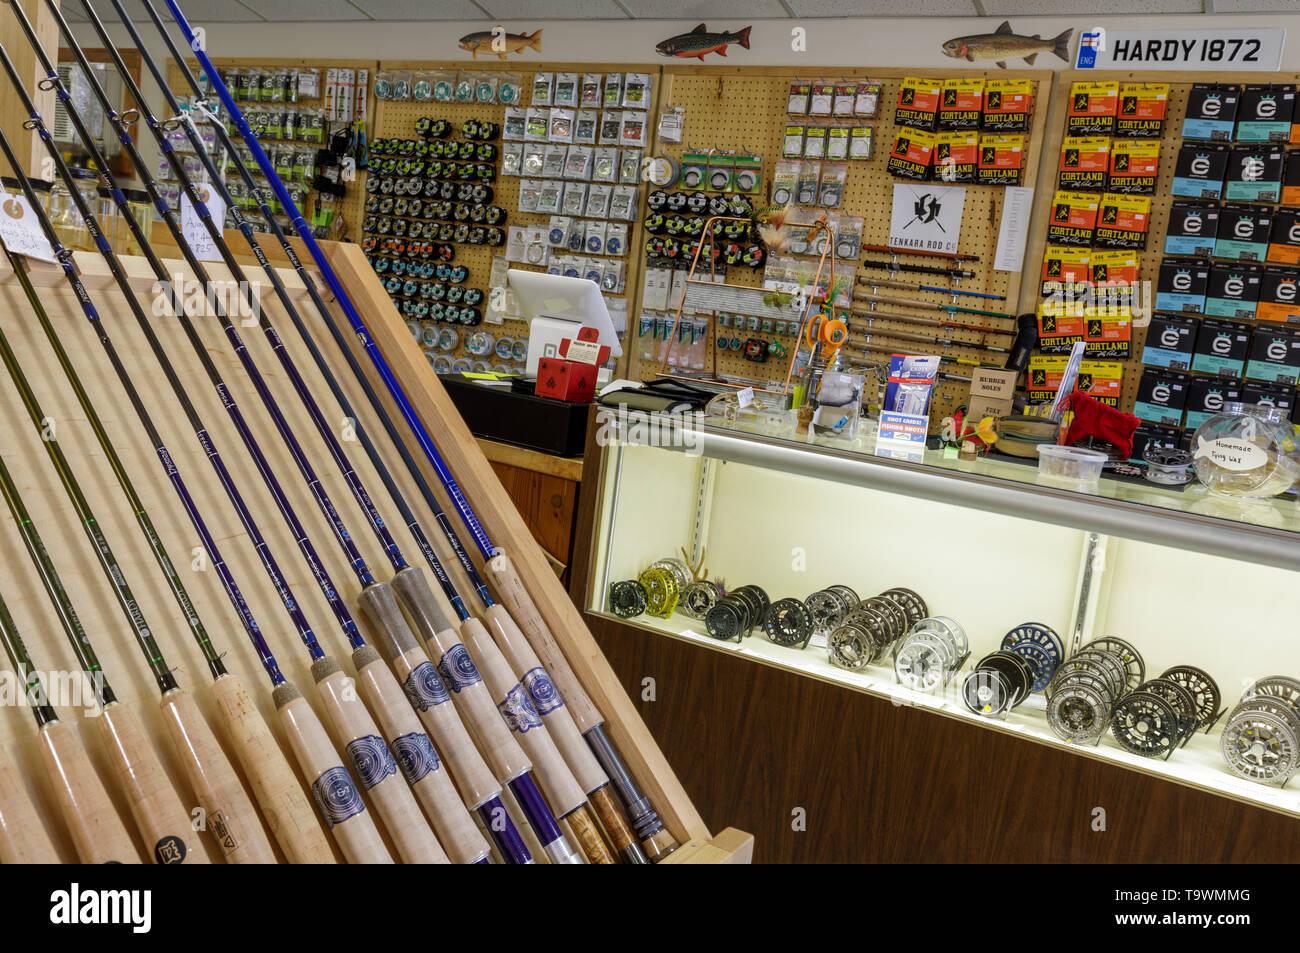 L'intérieur de cette boutique, plus ancienne famille-run fly shop dans le monde. Roscoe, New York, dans les Catskills. Photo Stock